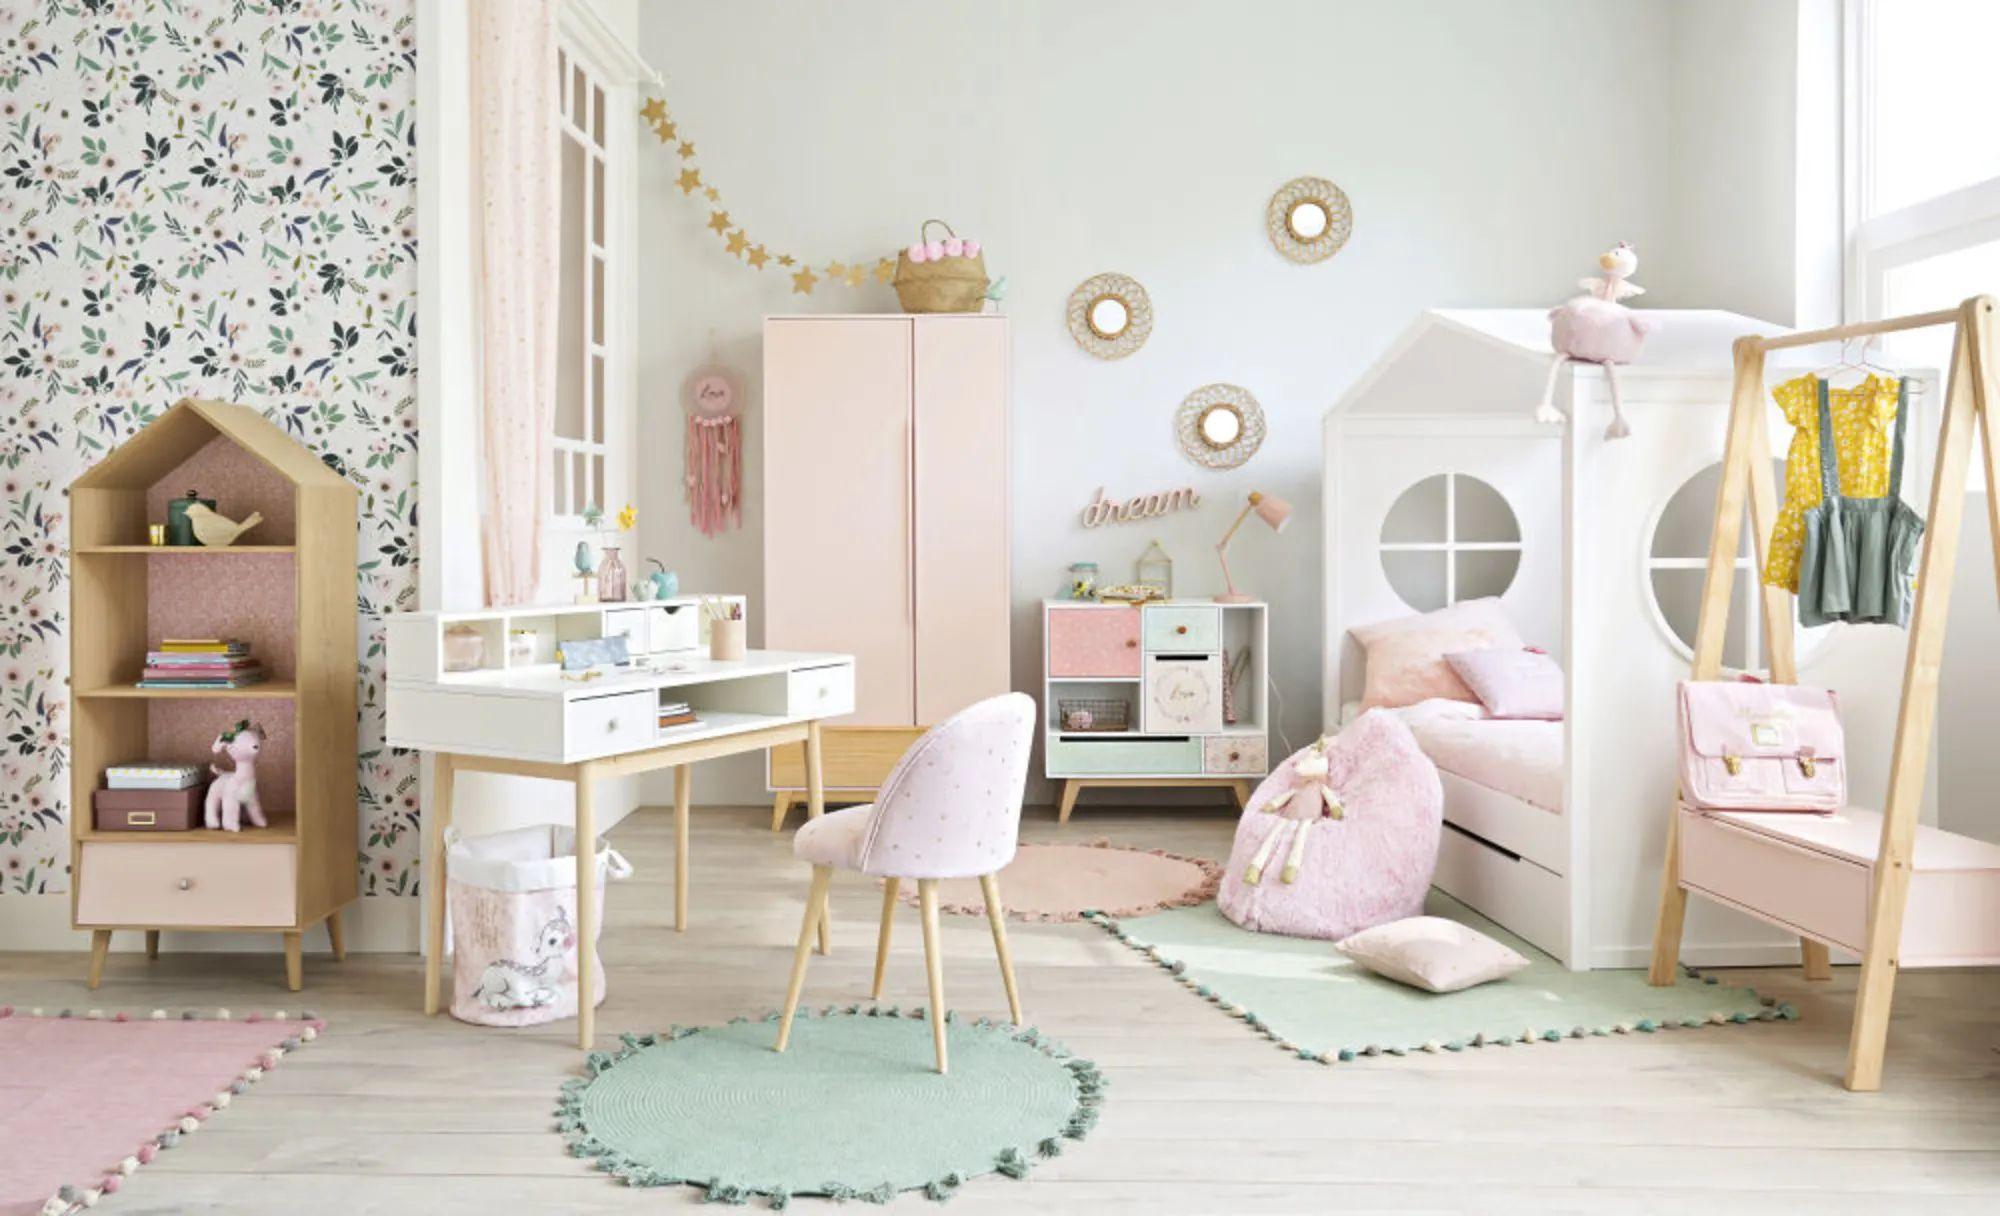 Bureau Enfant Maisons Du Monde Les 12 Plus Beaux Modeles